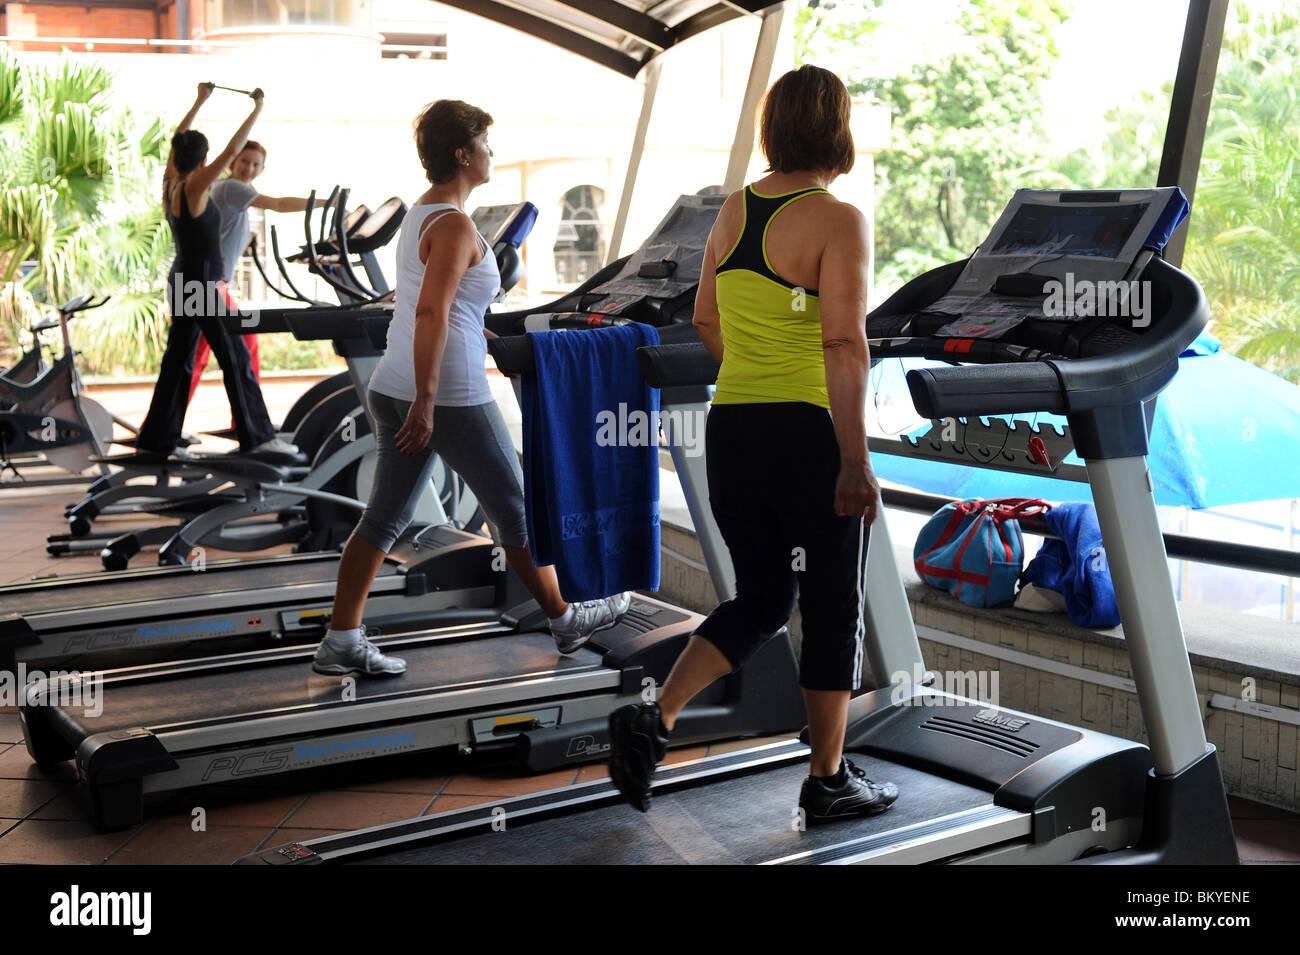 4 women walking on treadmills in Medellin gym. - Stock Image